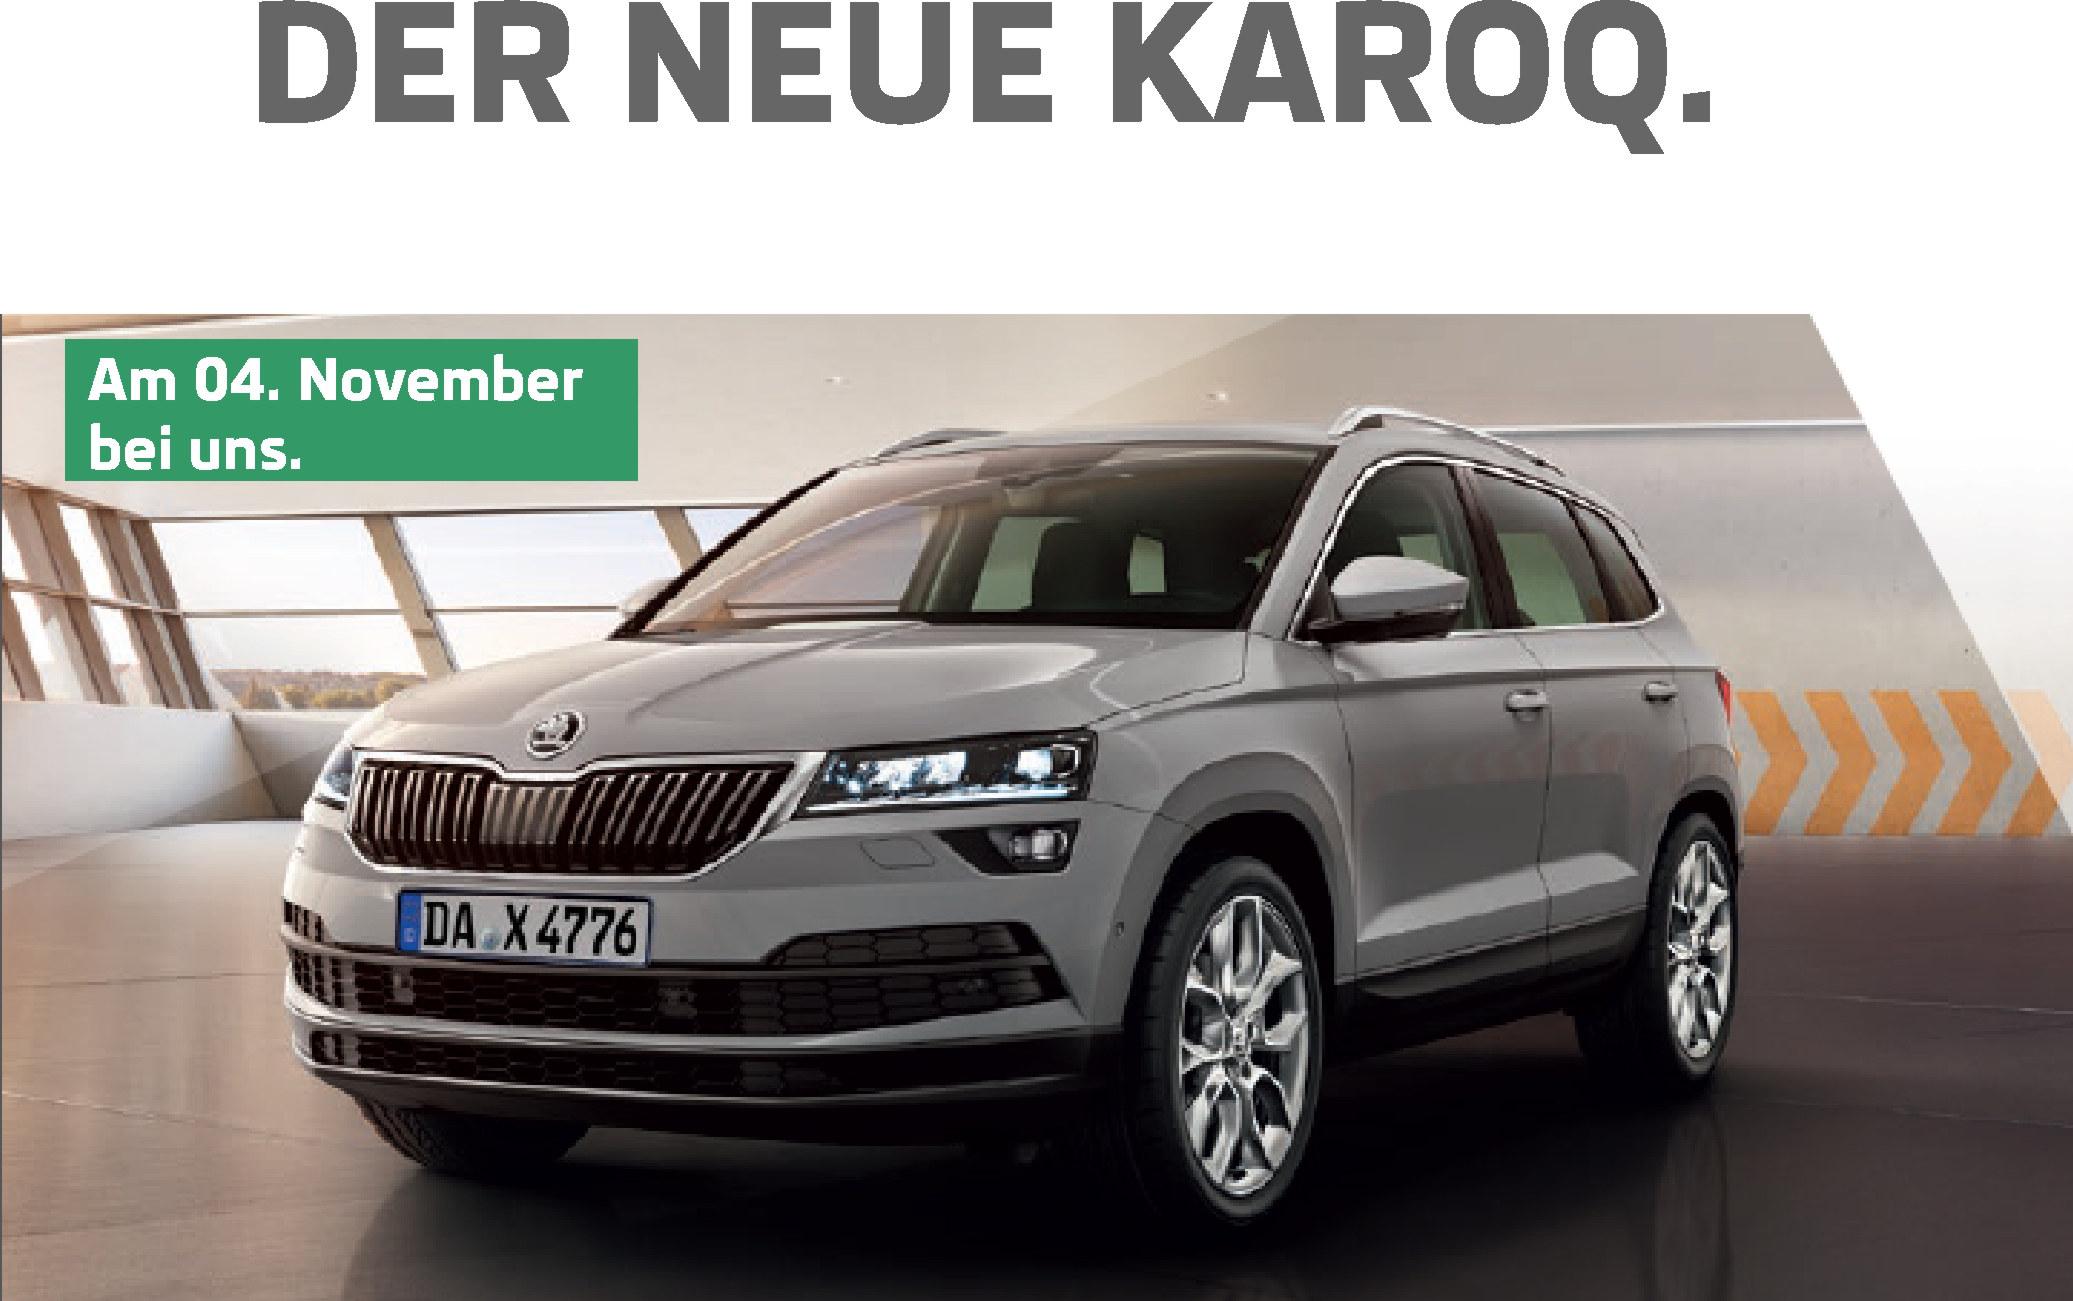 Image for Der neue KAROQ.